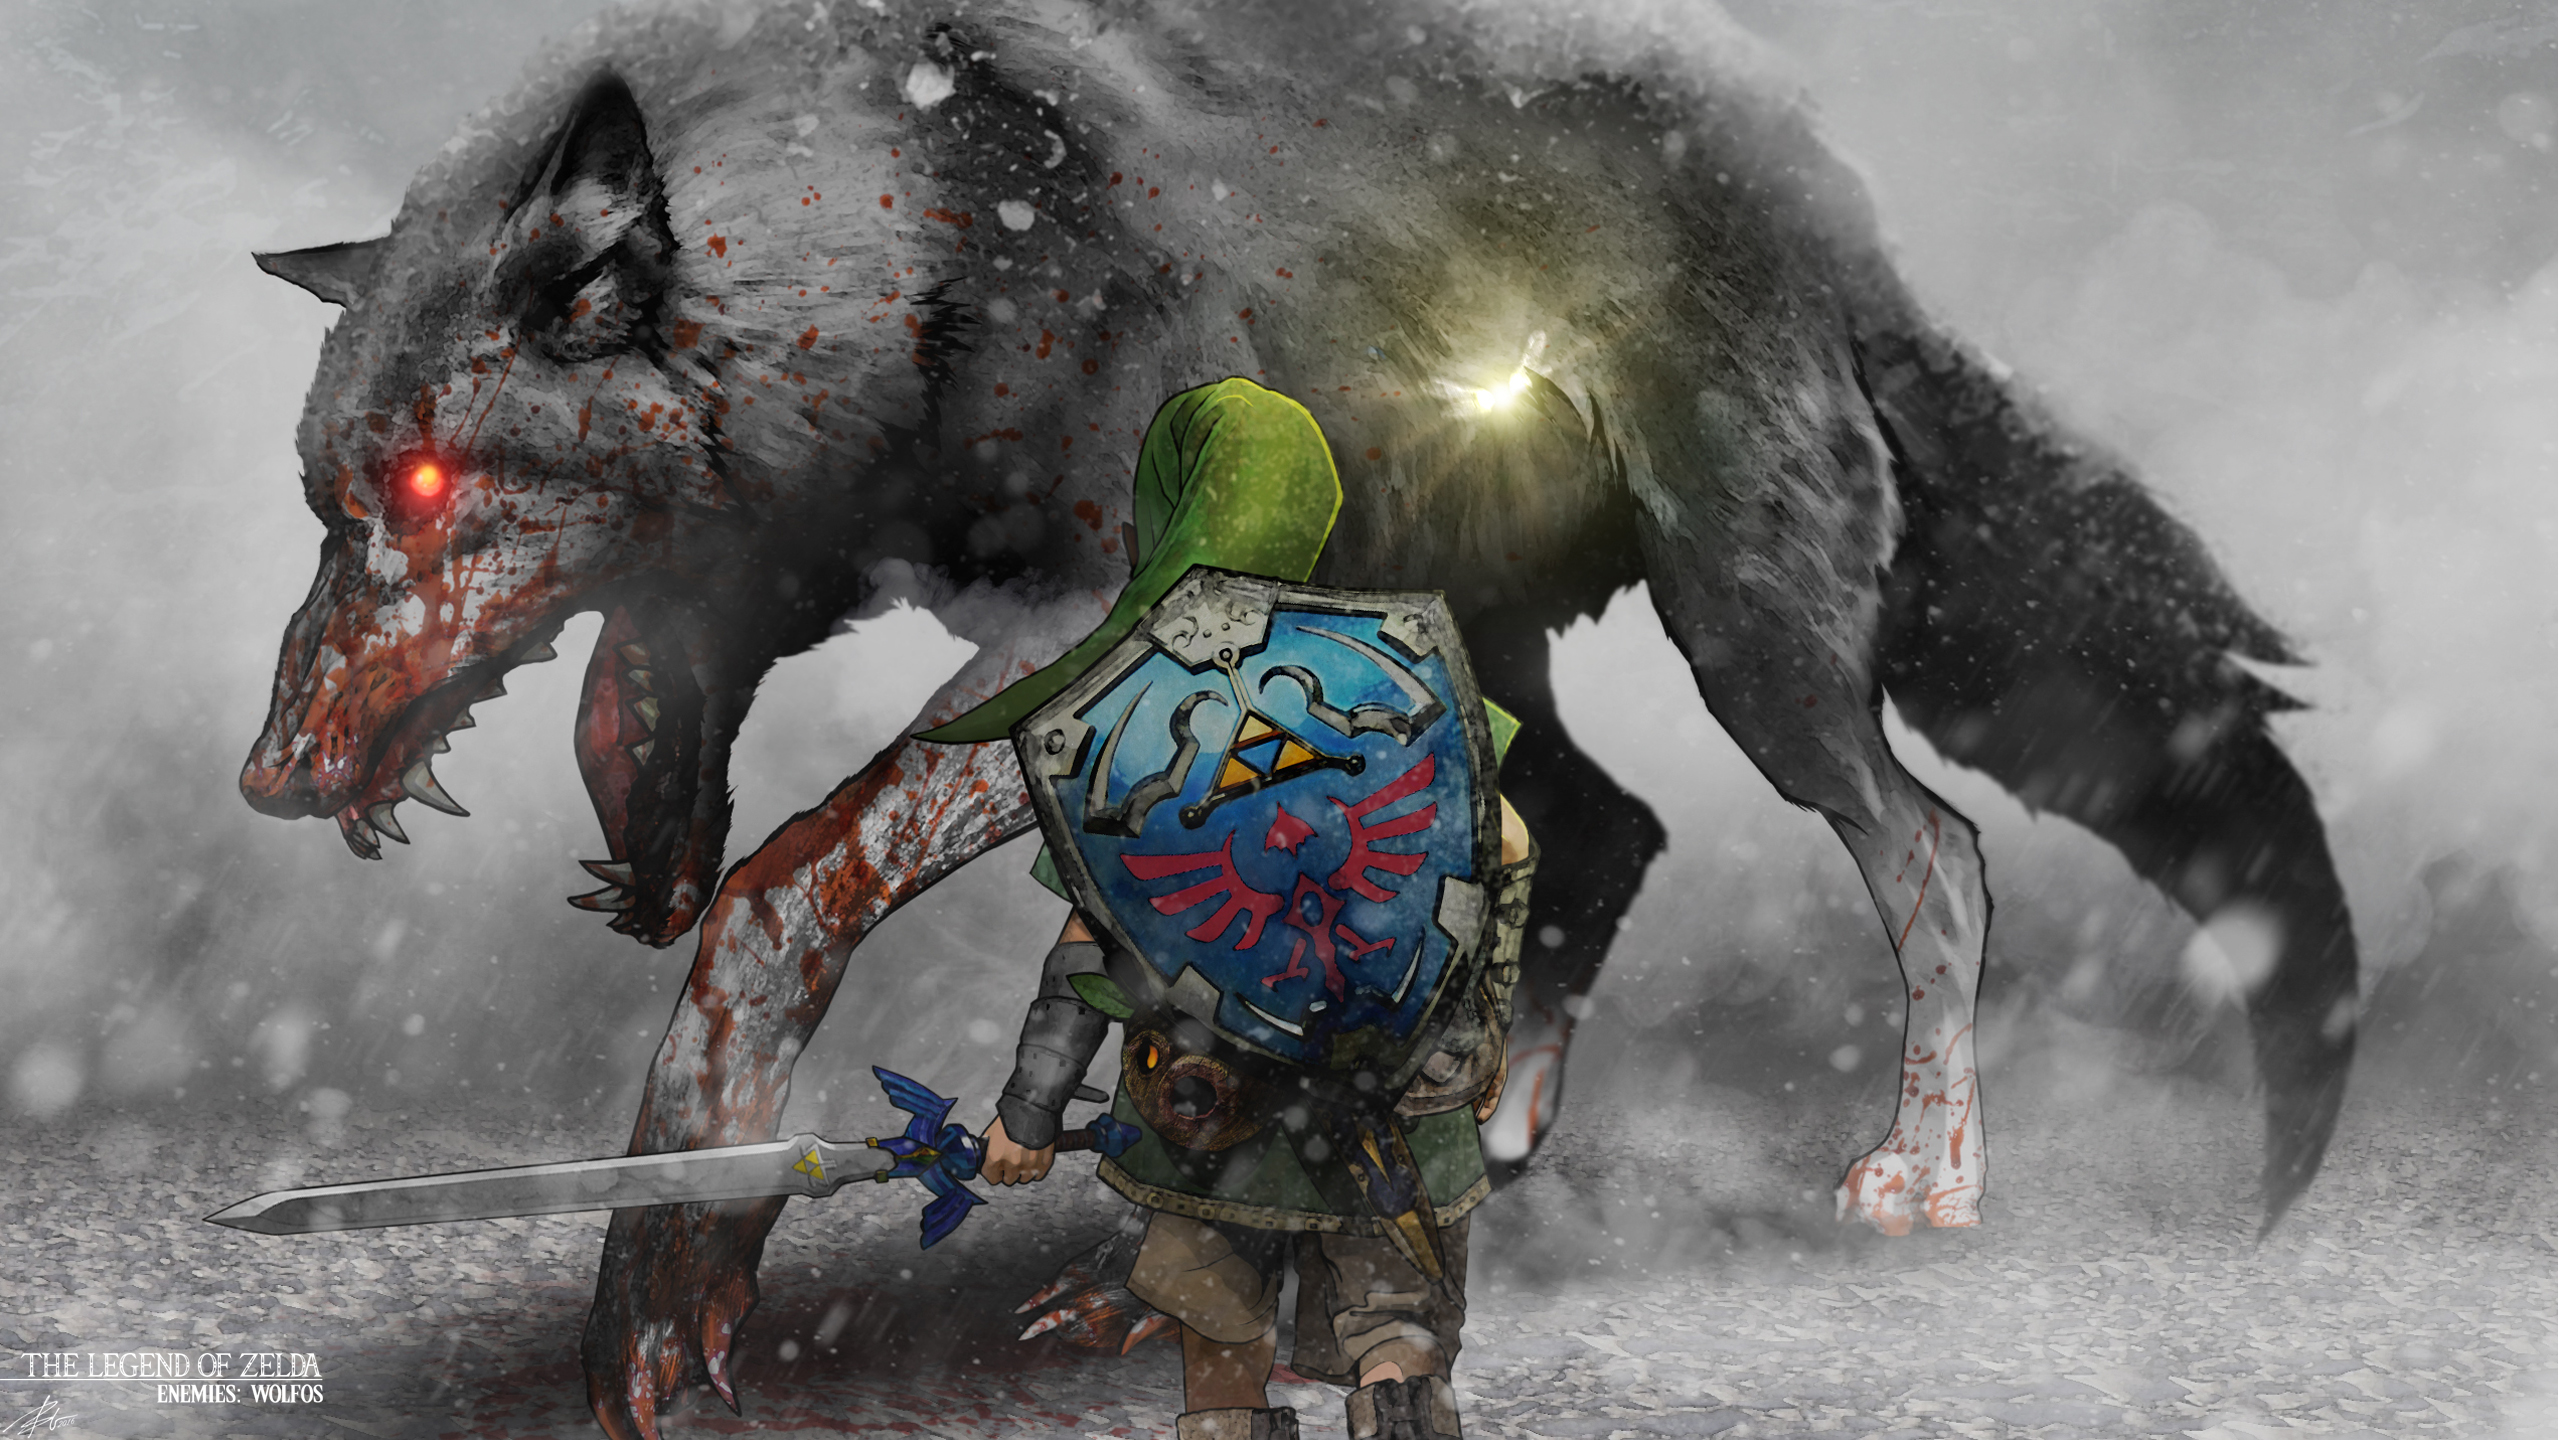 Legend Of Zelda Wolfos 2560x1440 Wallpaper Teahub Io